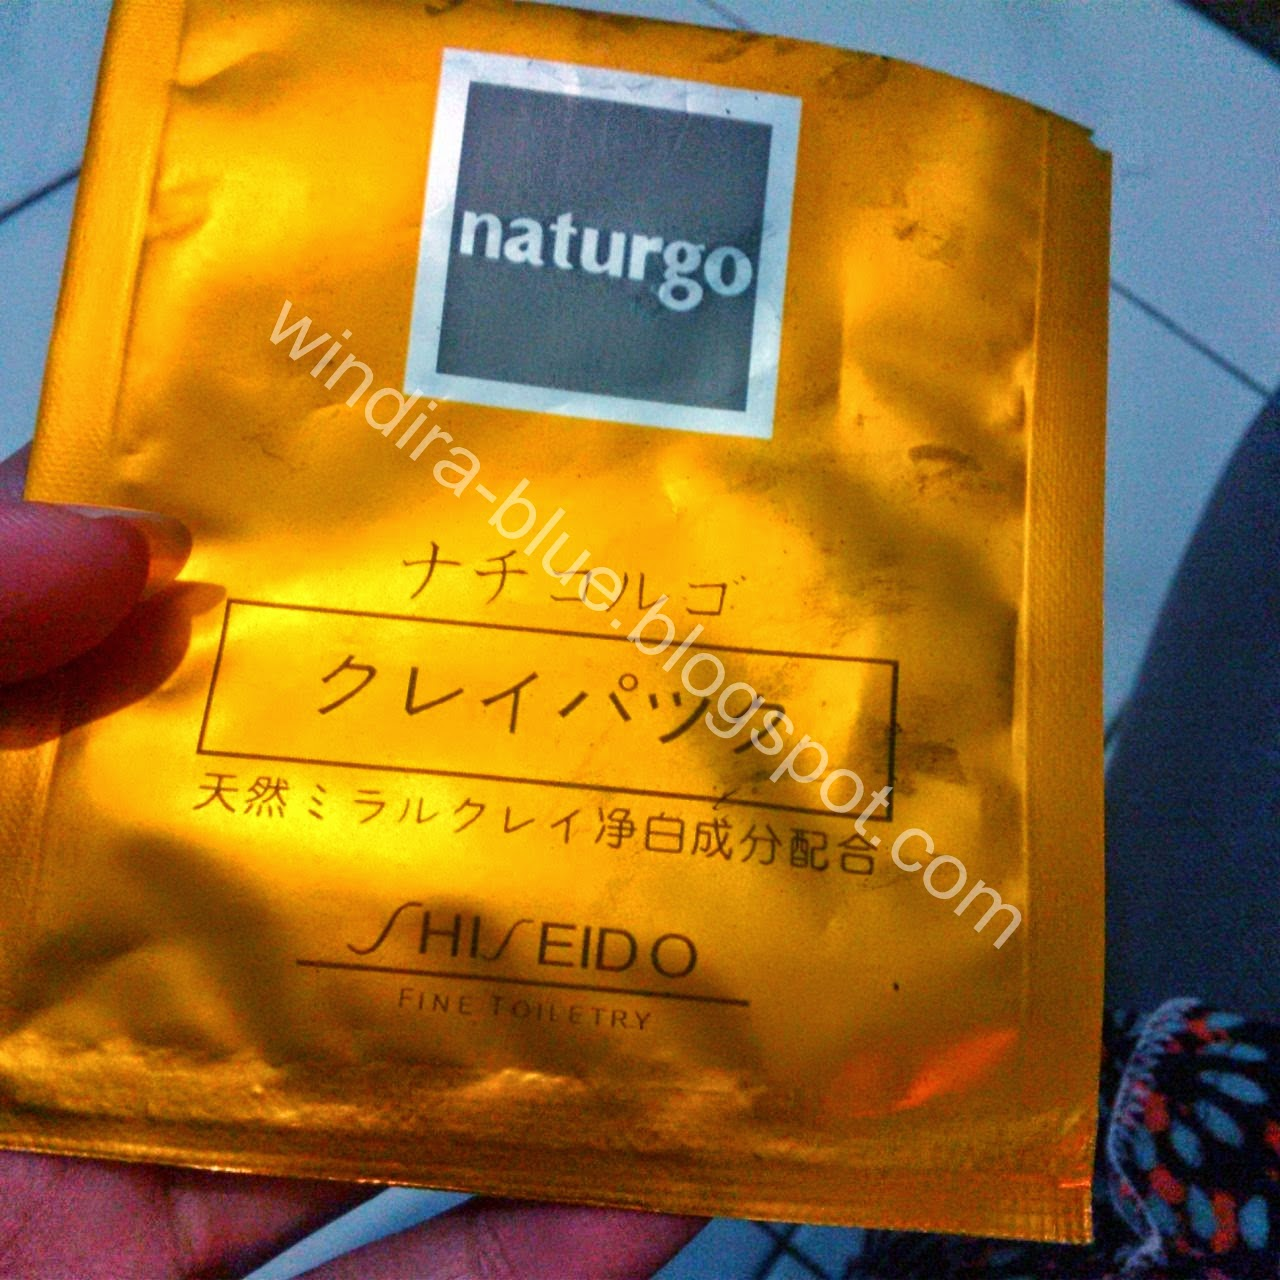 Shiseido Mudmask Asli Apa Palsu Wida Kariyantis Story Shisedo Naturgo Maskmasker Lumpur Setelah 30 Menit Masker Mengering Dan Membuat Wajah Terasa Ditarik Saya Pake Panduannya Pengangkatan Peel Off Punya Garnier Yaitu Diangkat